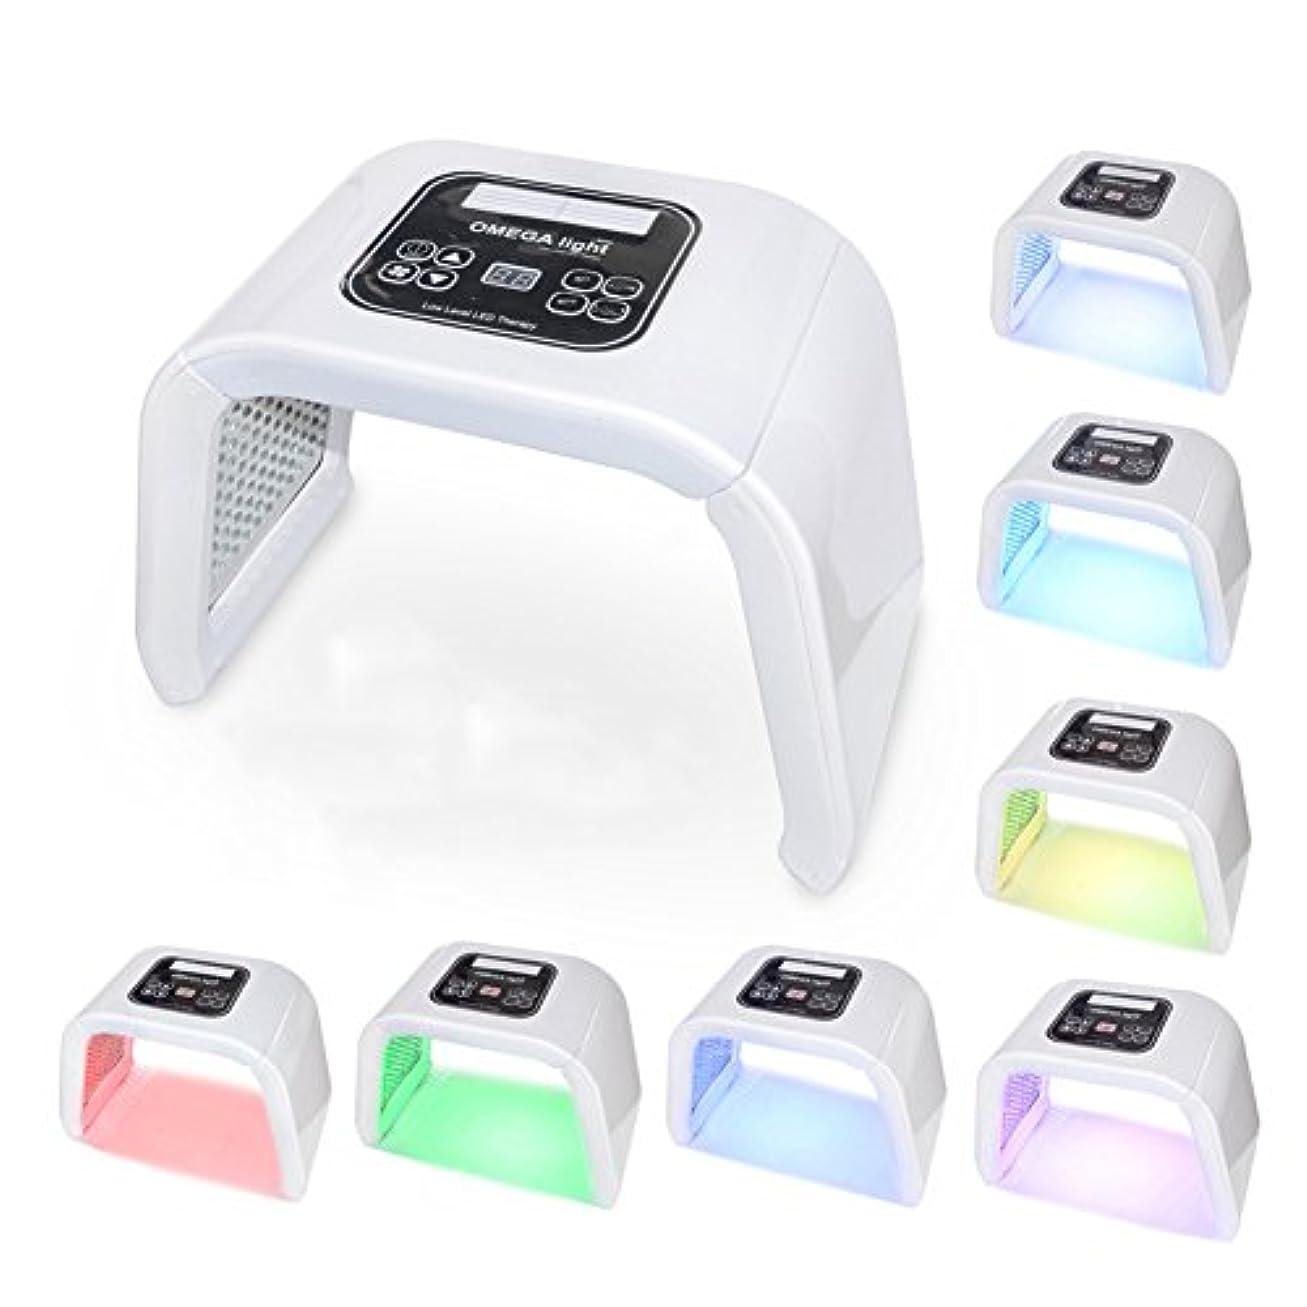 元の楕円形怖がらせる光子治療器7色ライトニキビ美容器具,White